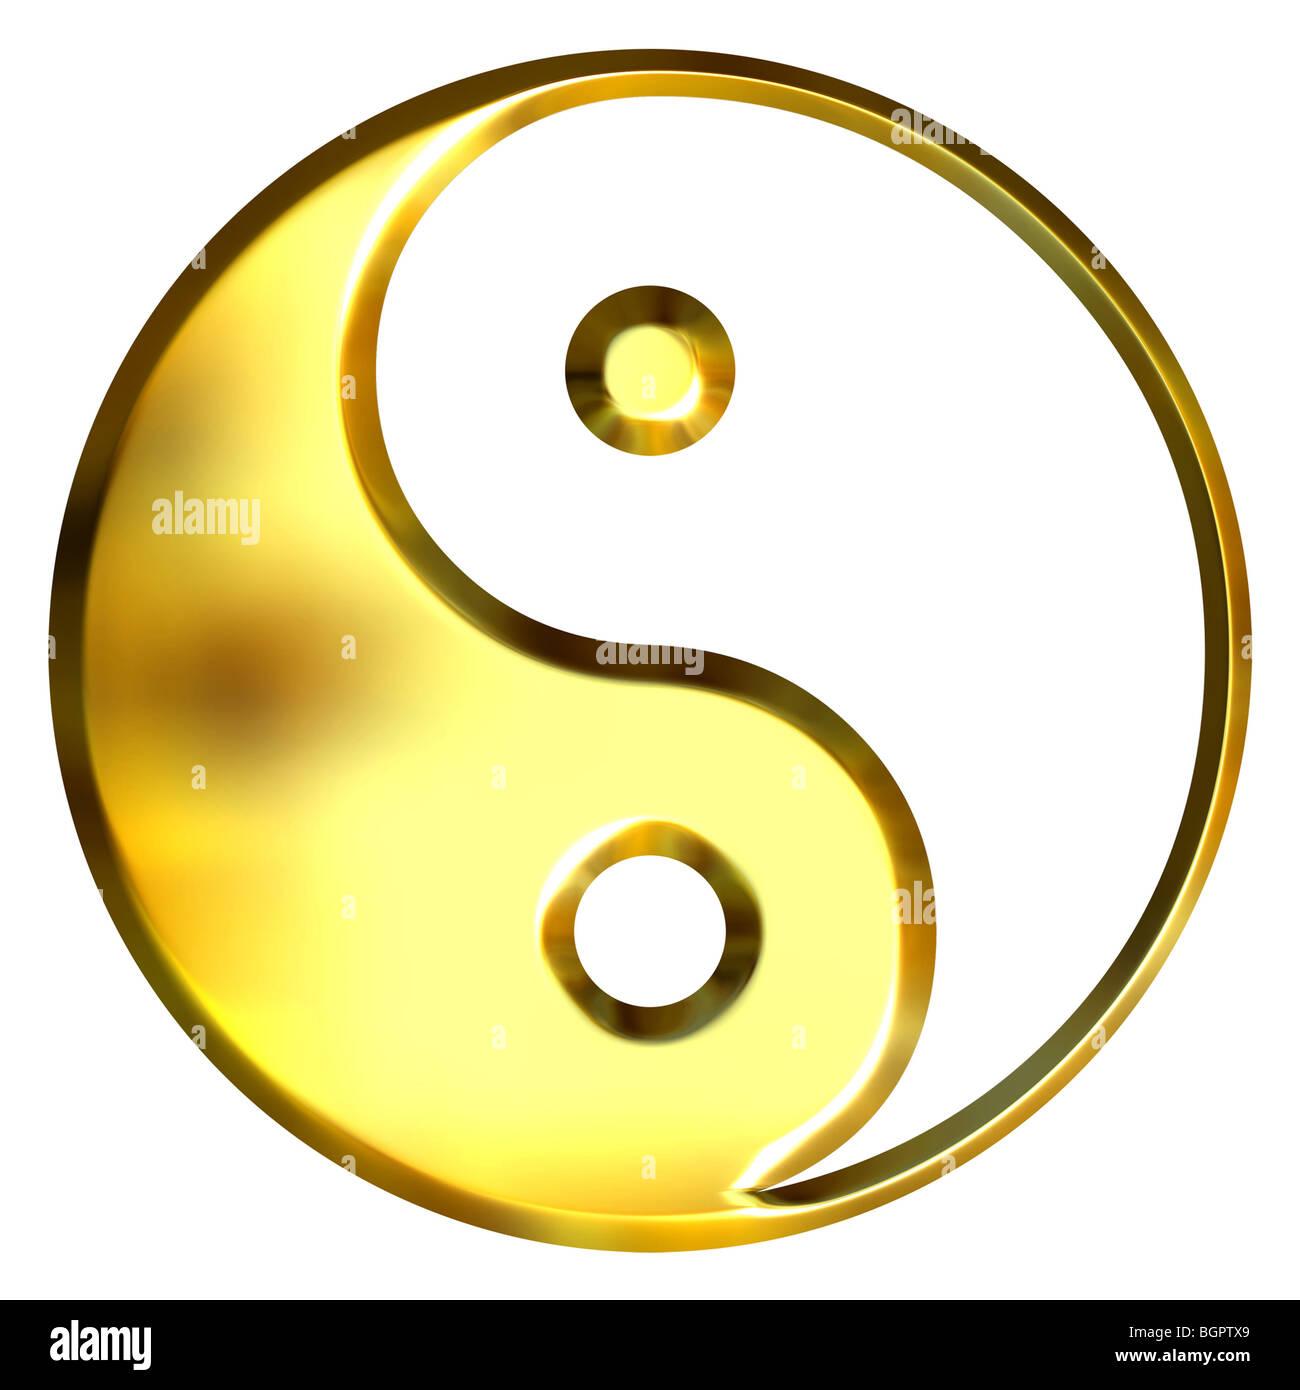 3d golden tao symbol stock photo 27547361 alamy 3d golden tao symbol buycottarizona Images